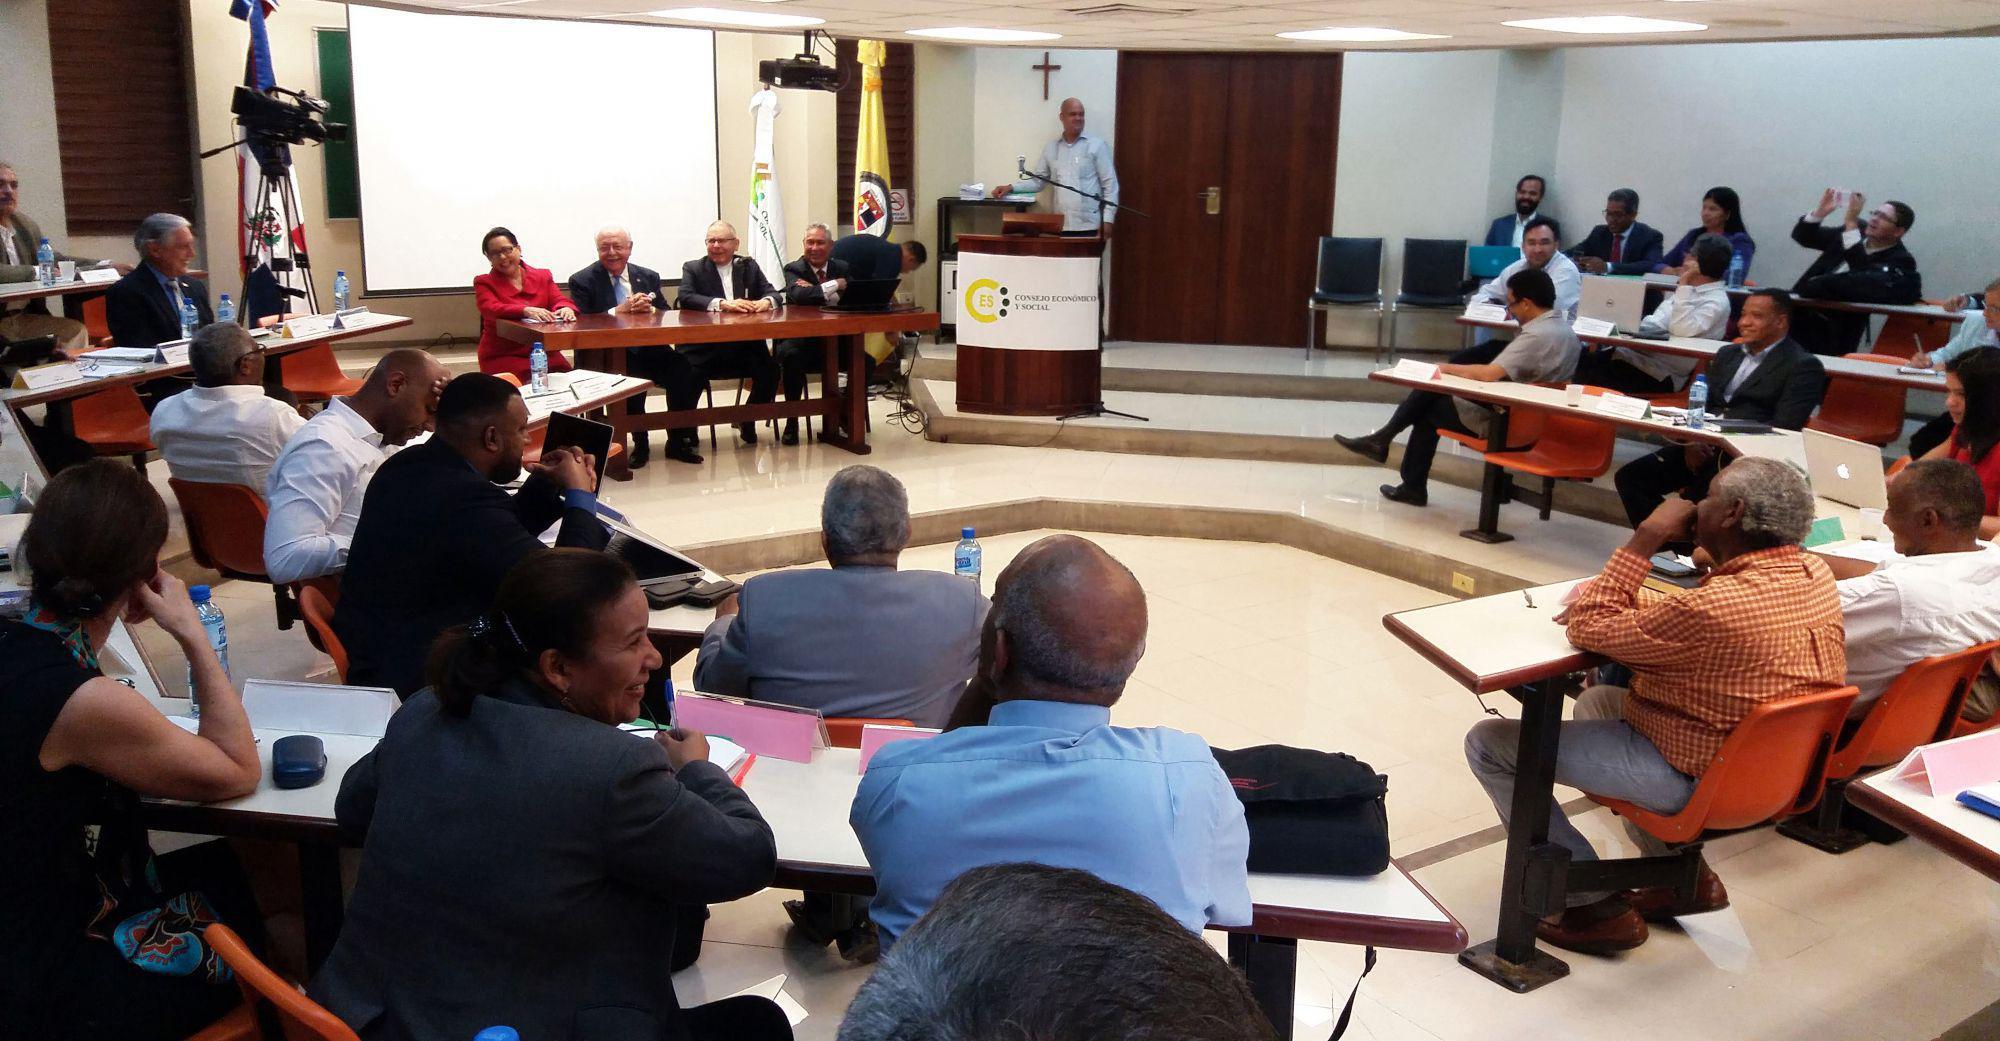 El Consejo Económico y Social para la reforma del sector eléctrico ...